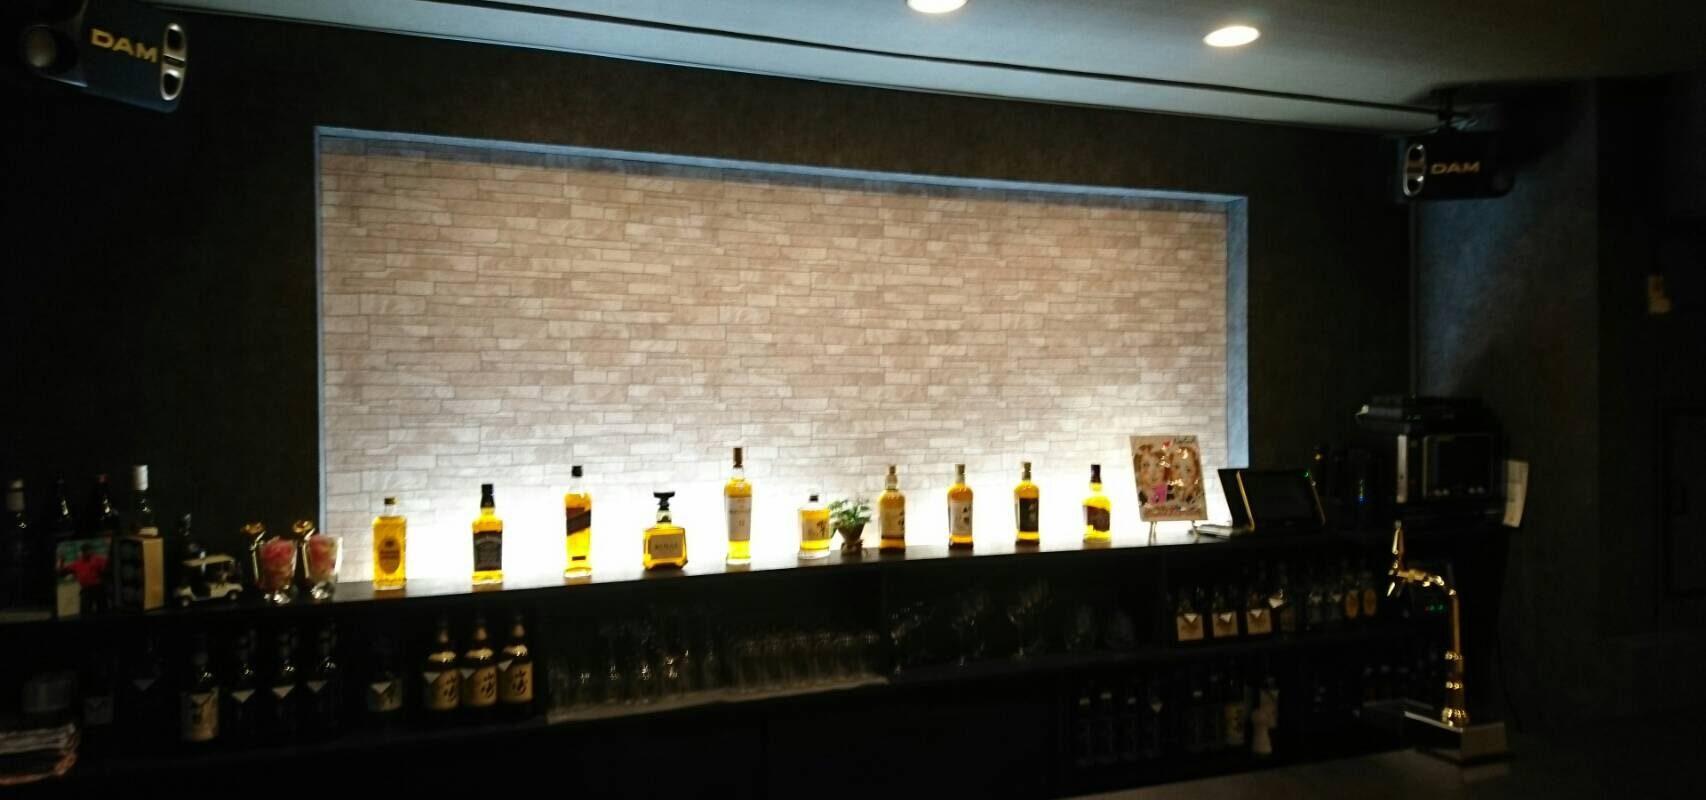 パーマリンク先: Bar&スナック系内装例